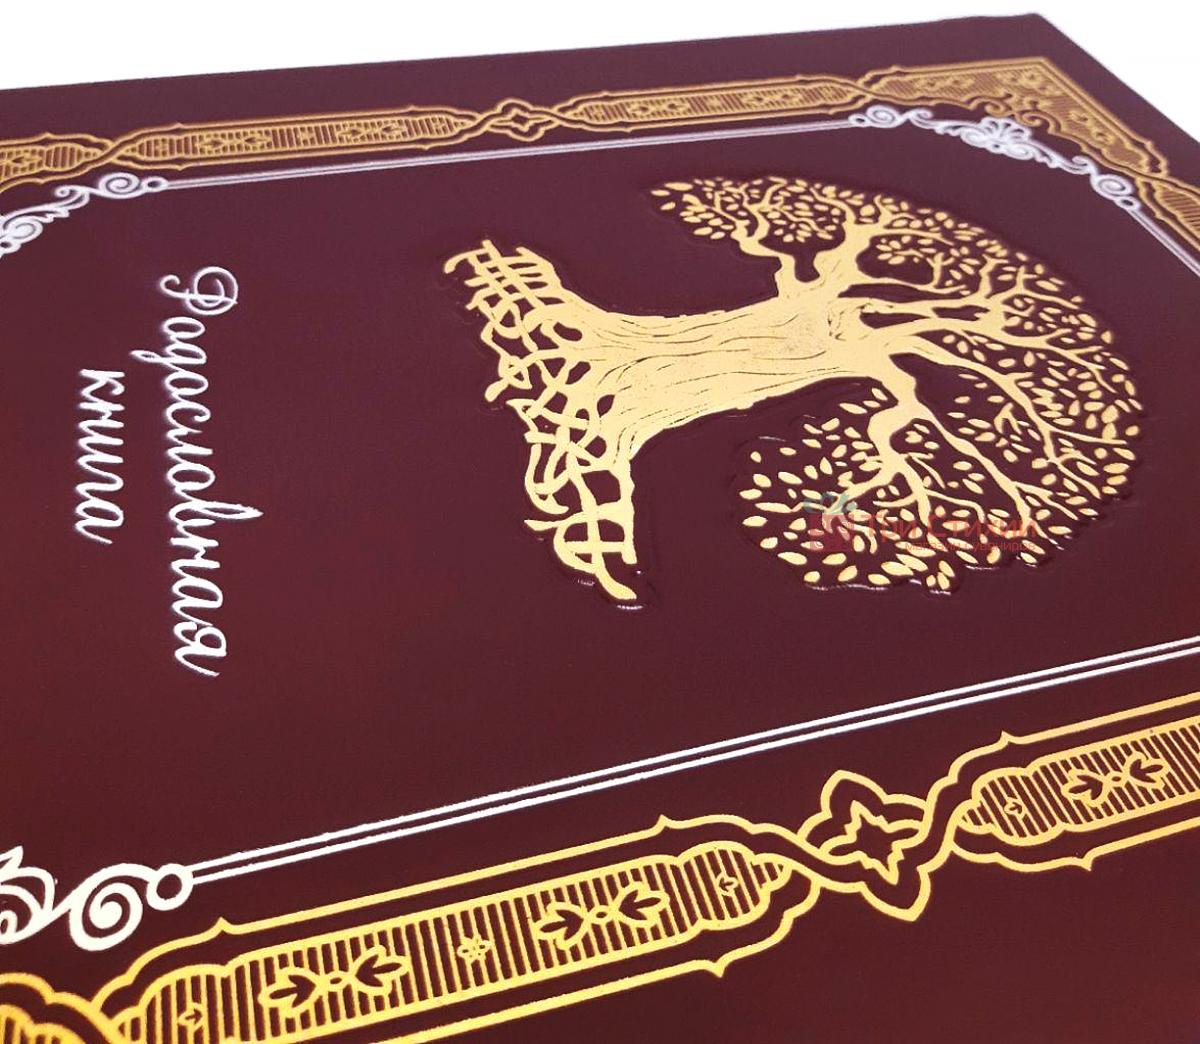 Родословная книга Макей кожаная (620-07-09 Б) Бордовая, Цвет: Бордовый, фото 2